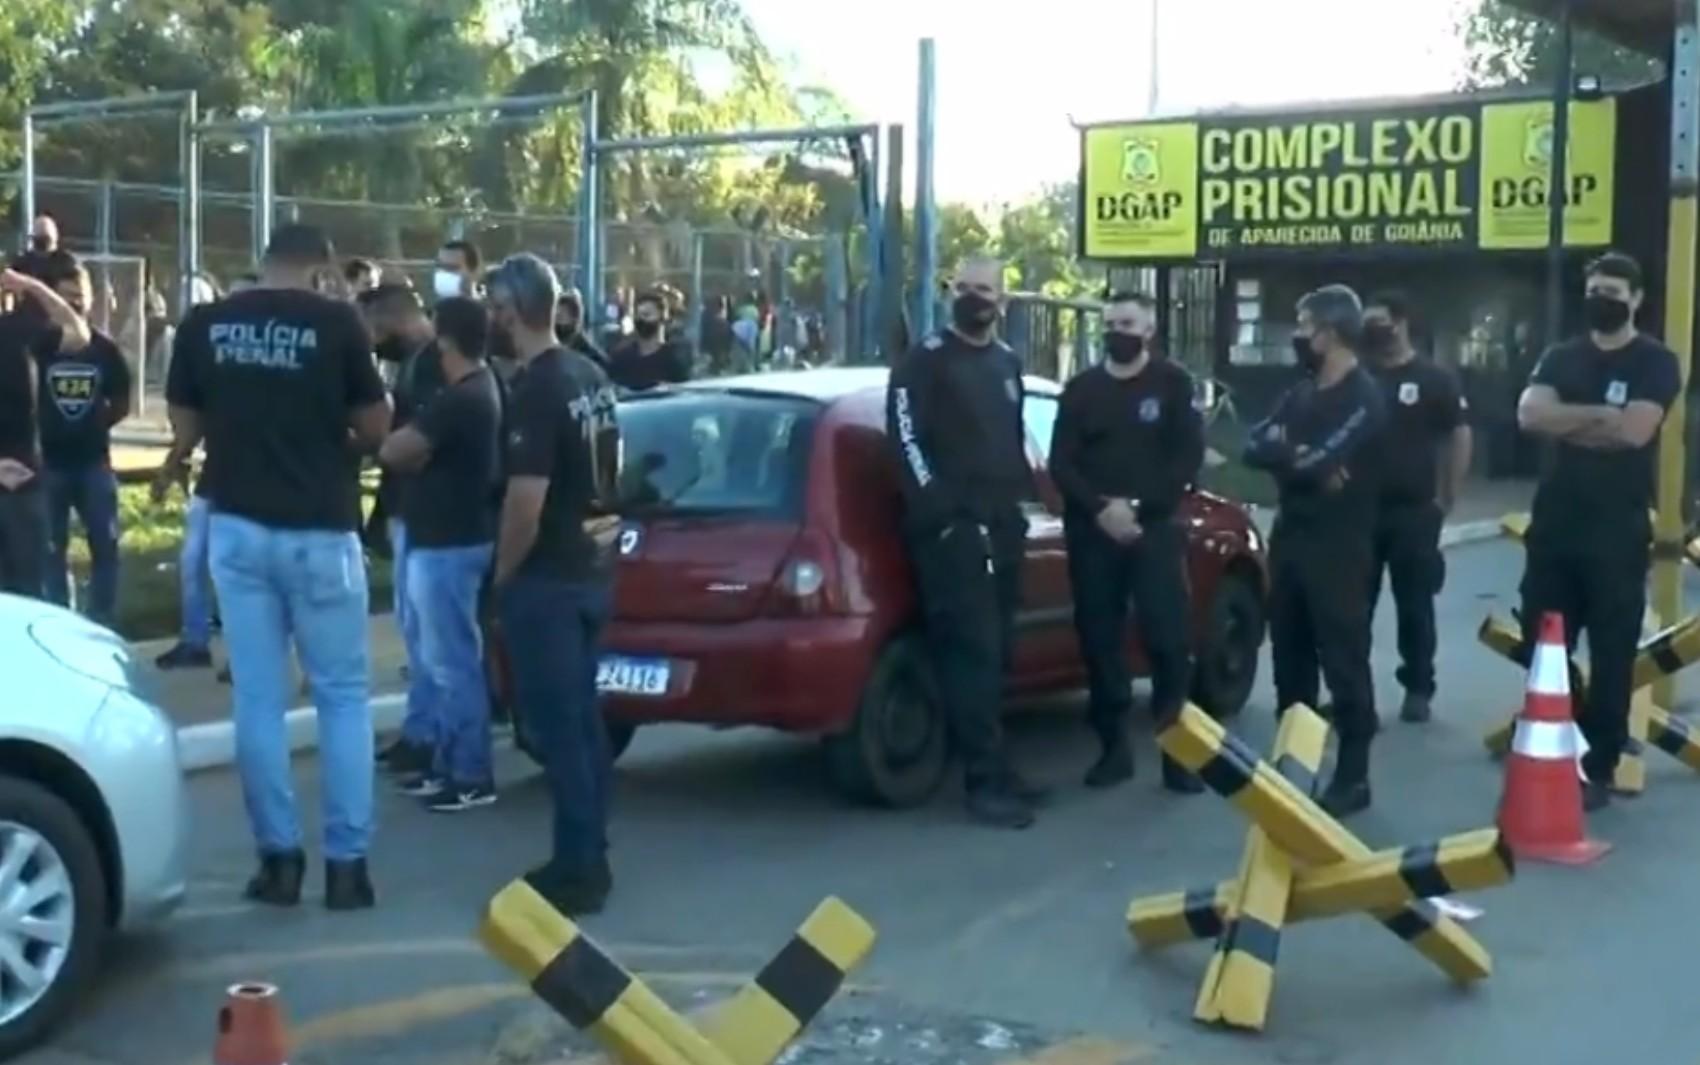 Policiais penais fazem manifestação cobrando aumento no efetivo e reajuste salarial, em Aparecida de Goiânia